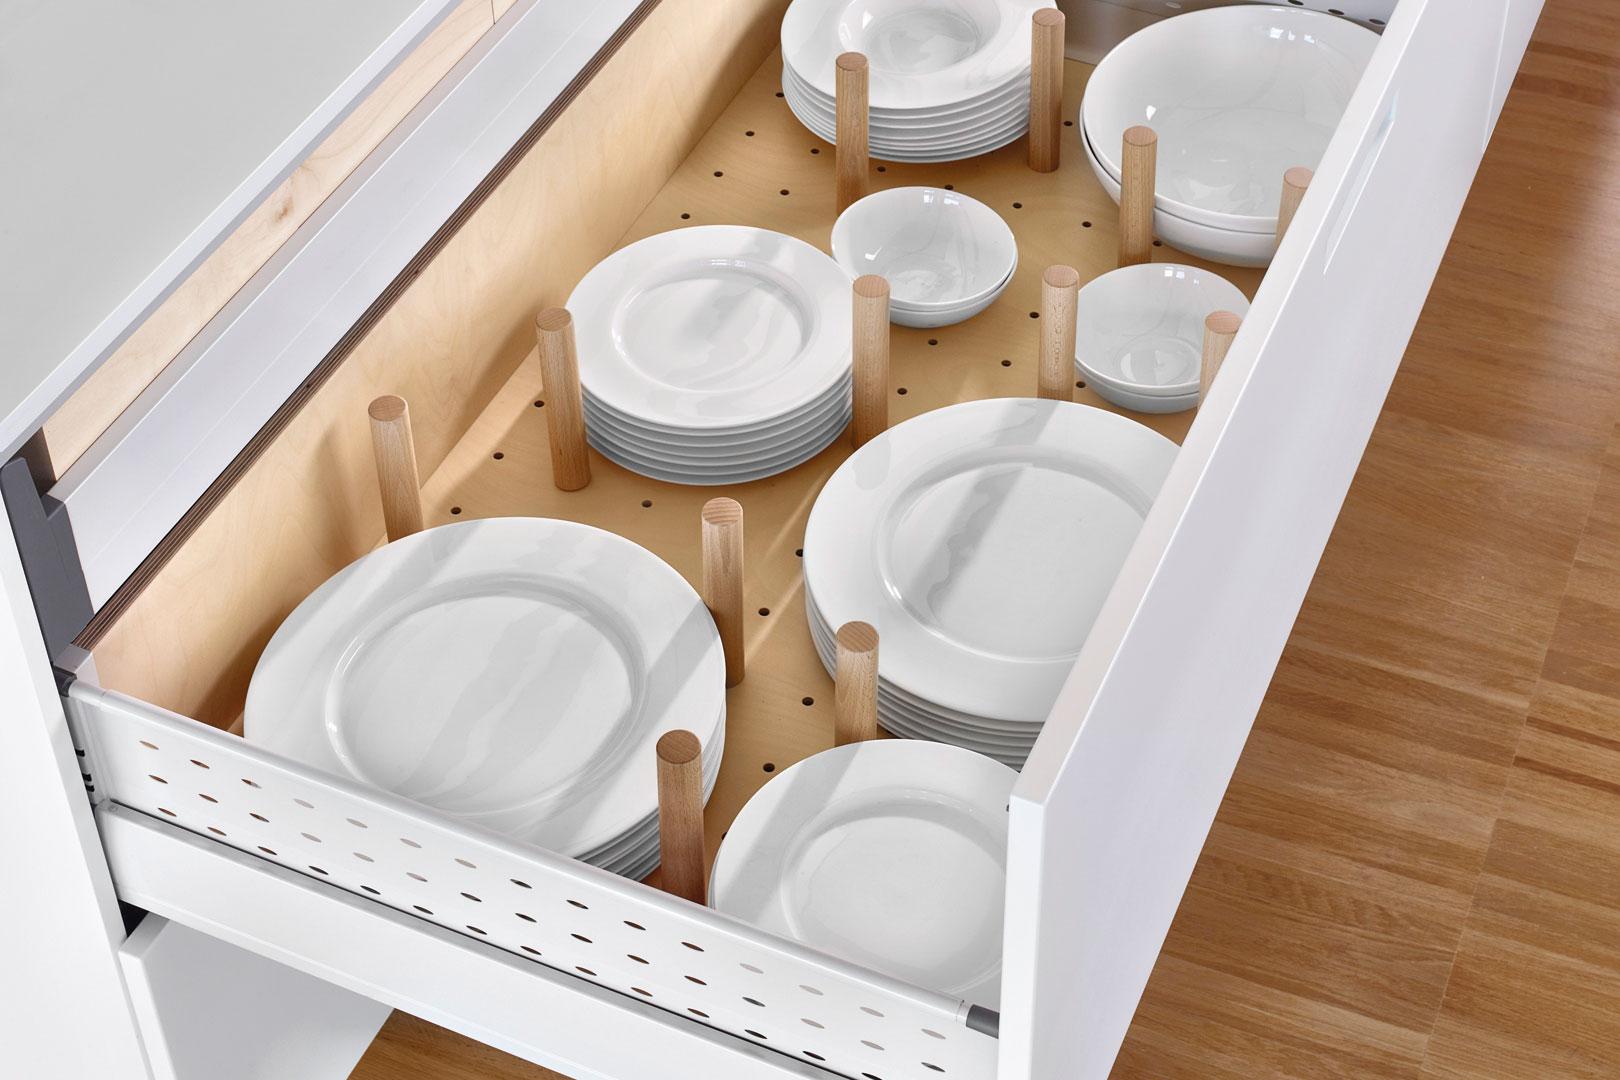 Accesorios para tu cocina Santos: orden y belleza | Platero | Santiago Interiores